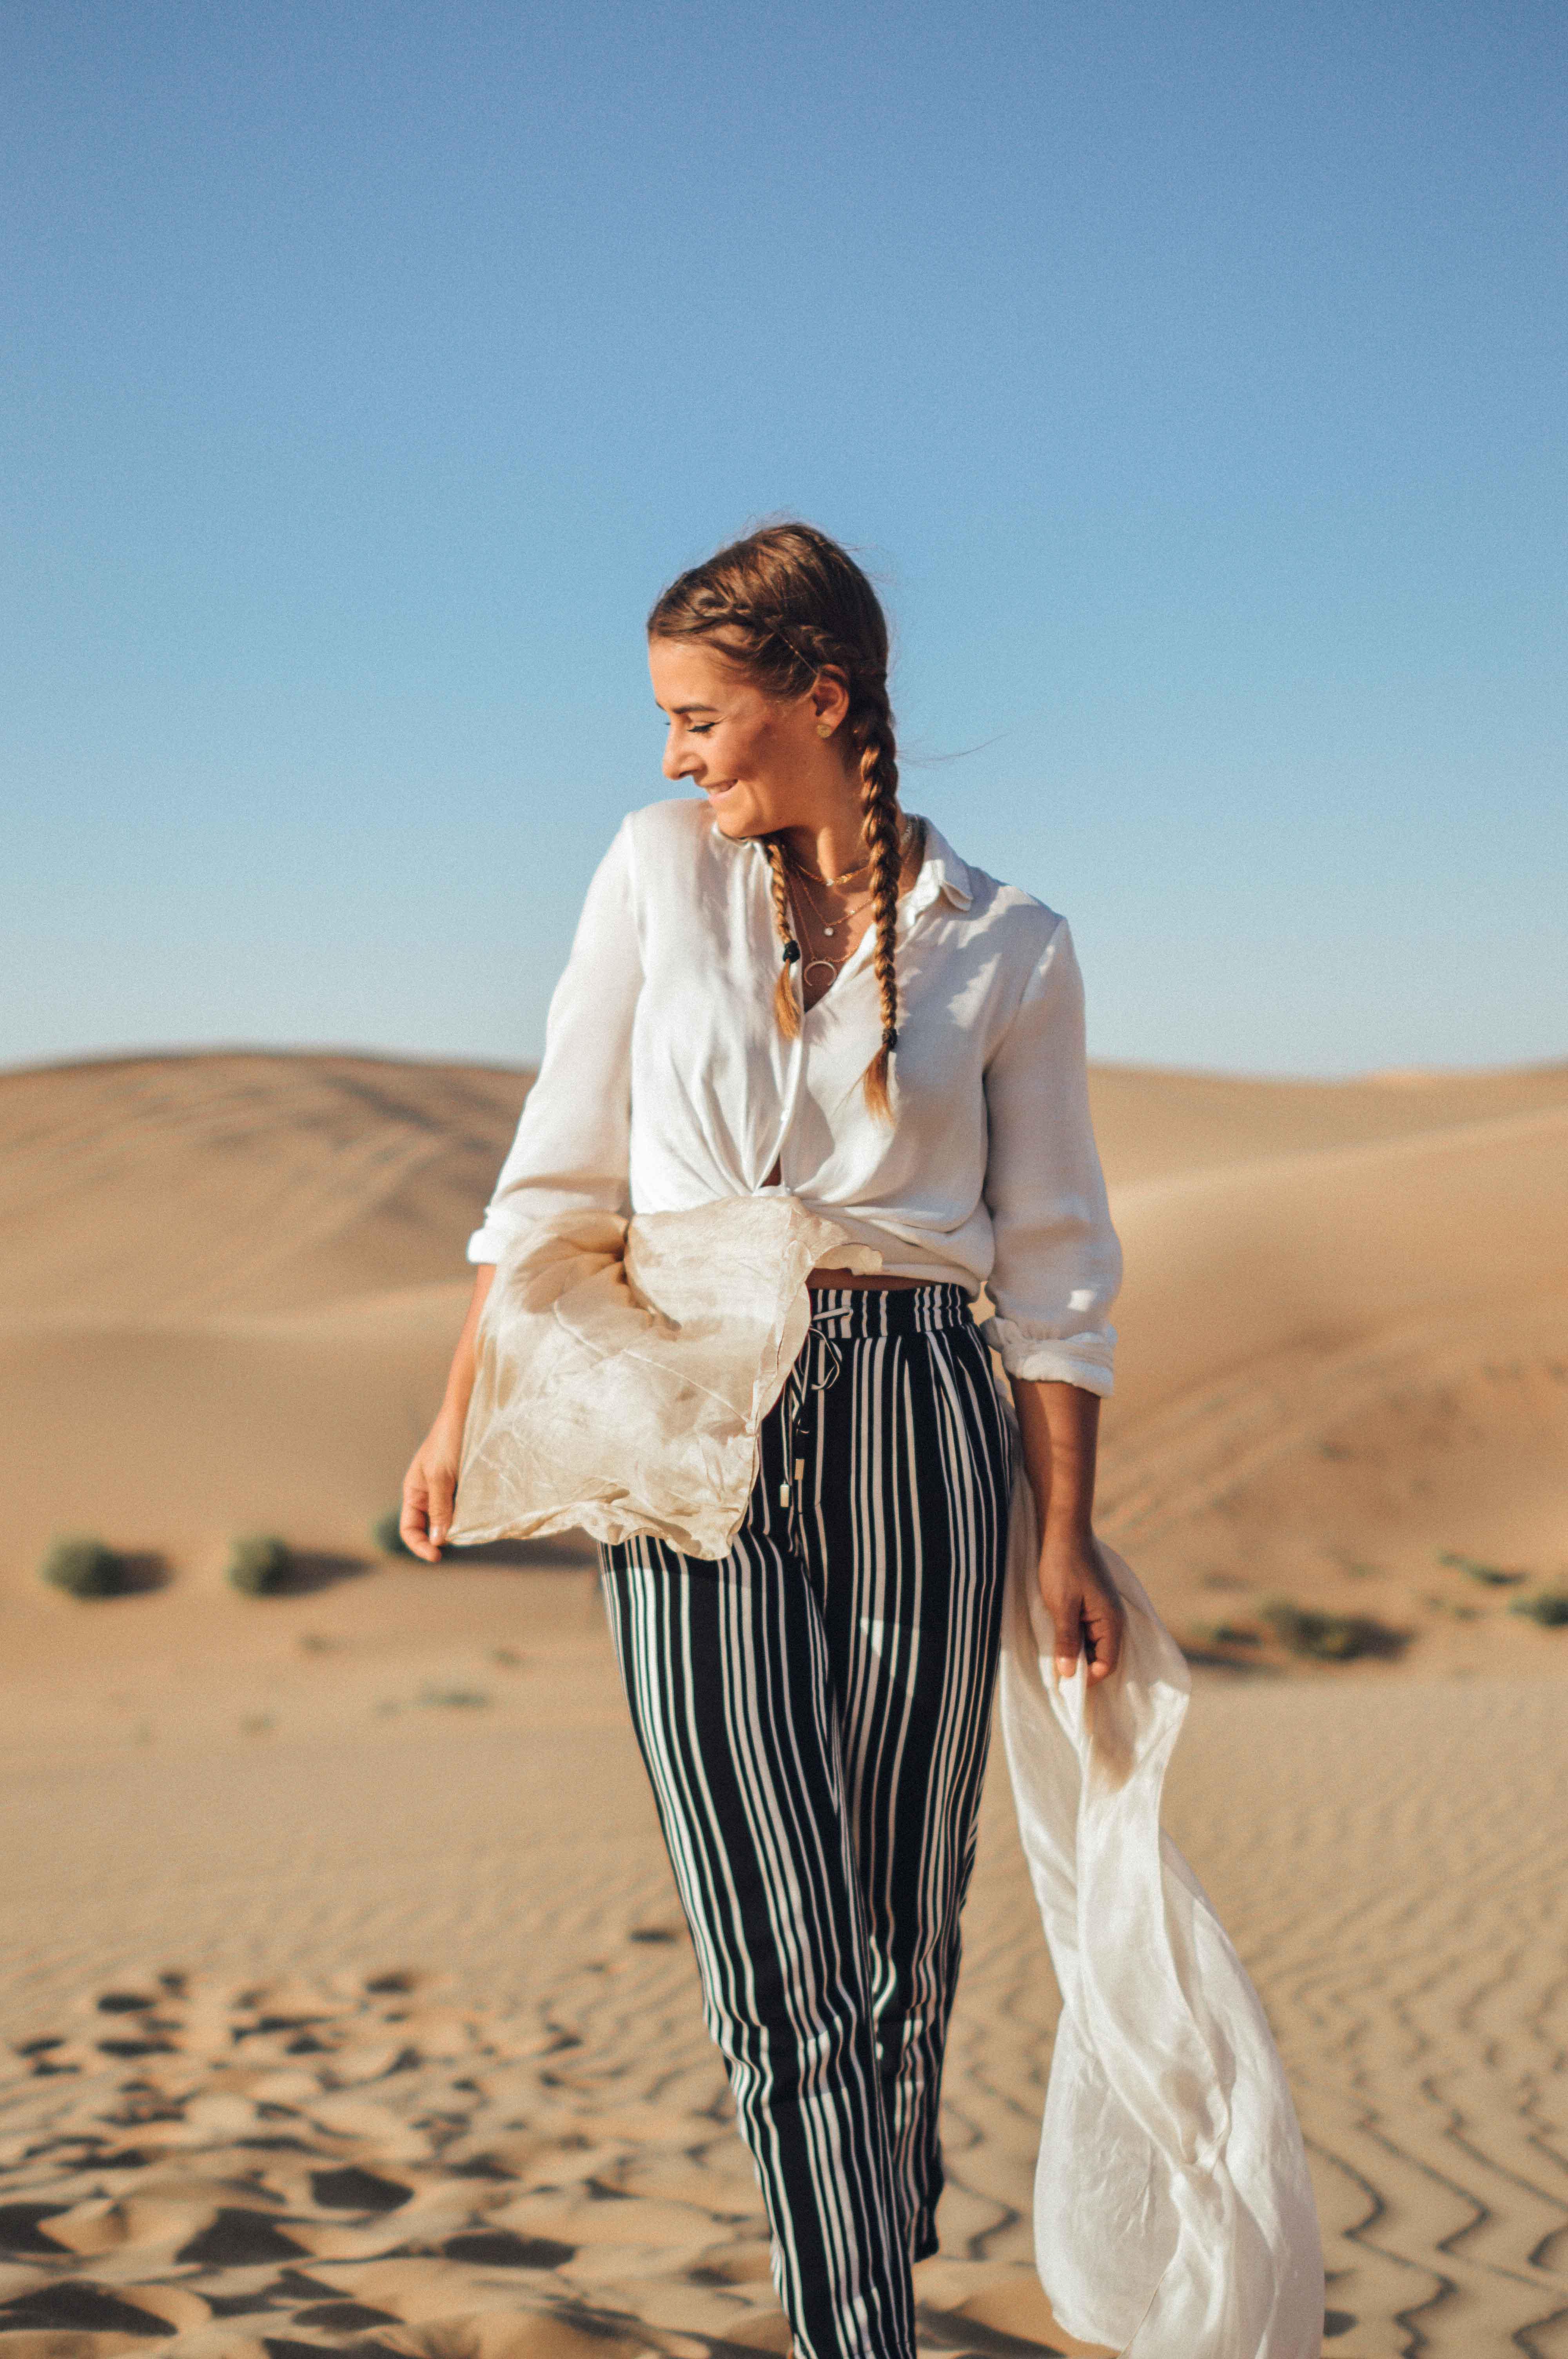 desert-pic